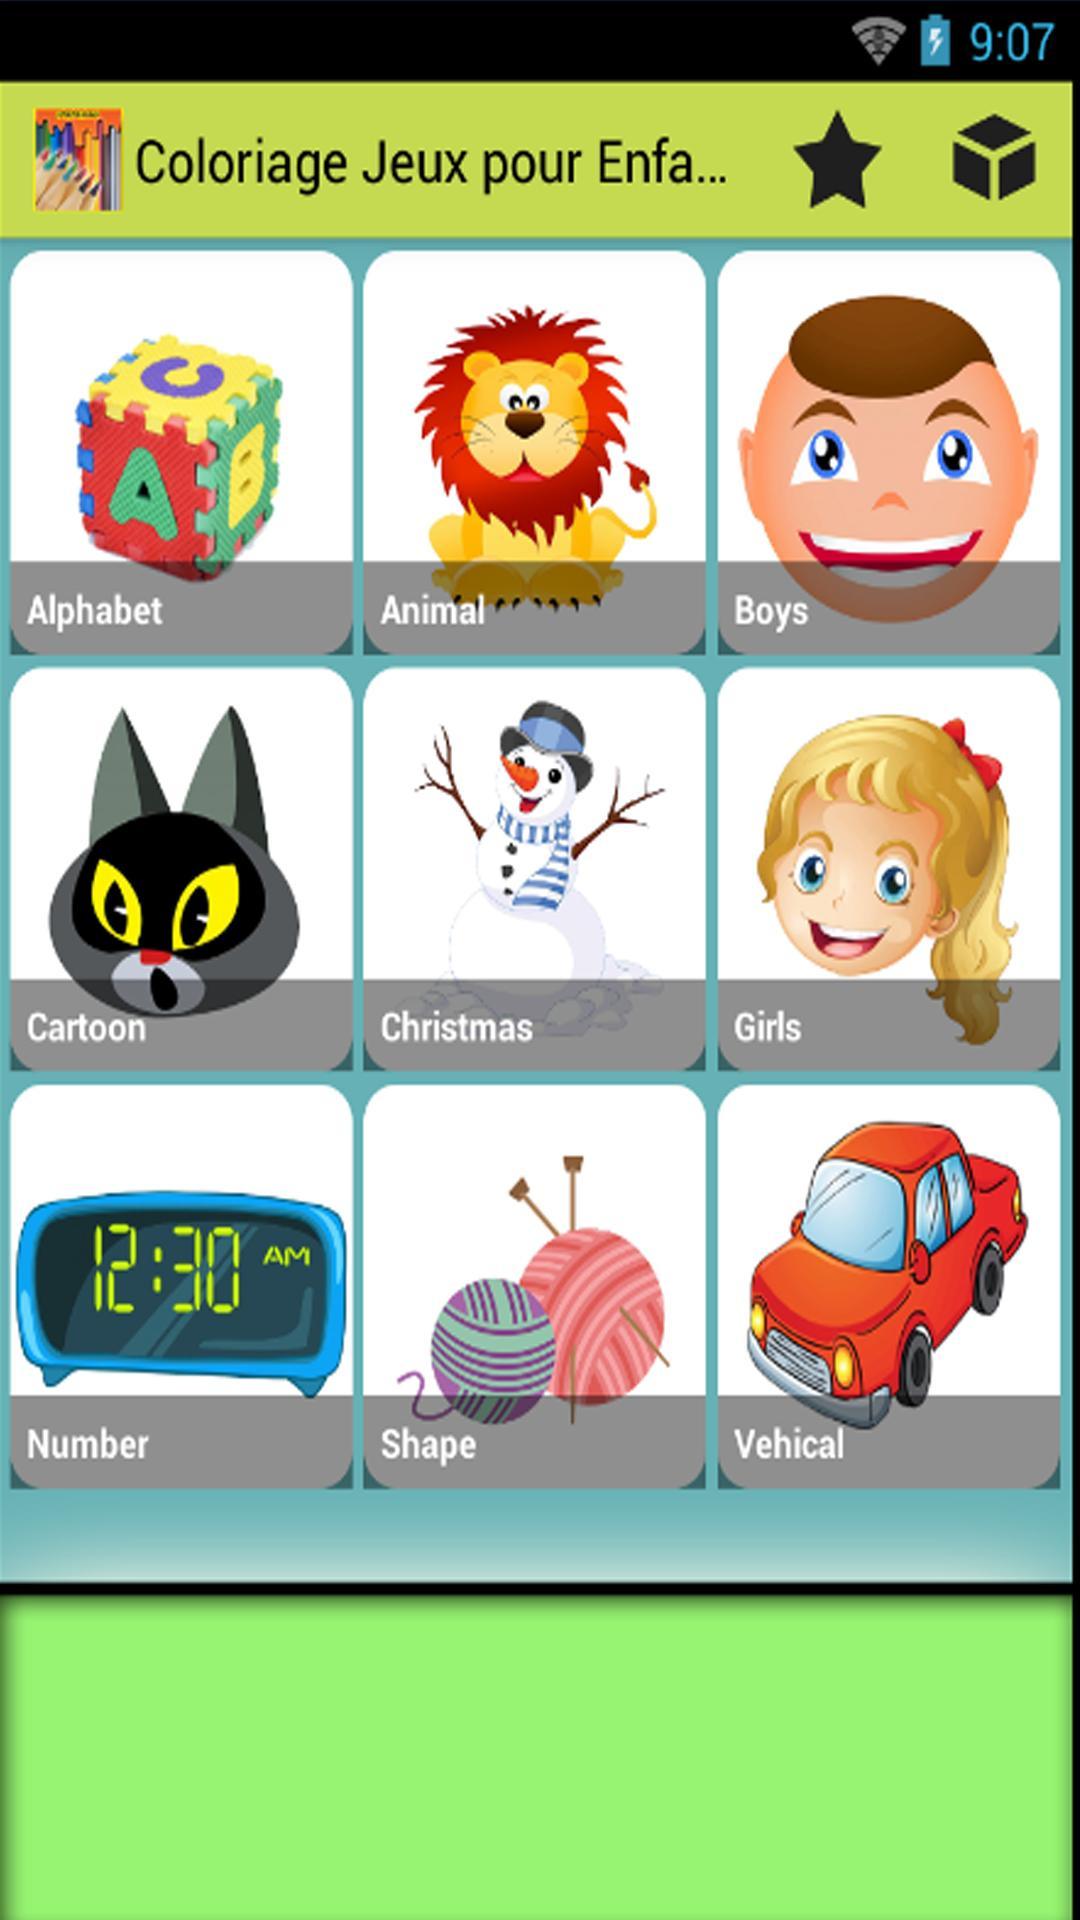 Android Için Coloriage Jeux Pour Enfants - Apk'yı İndir encequiconcerne Mot Pour Enfant